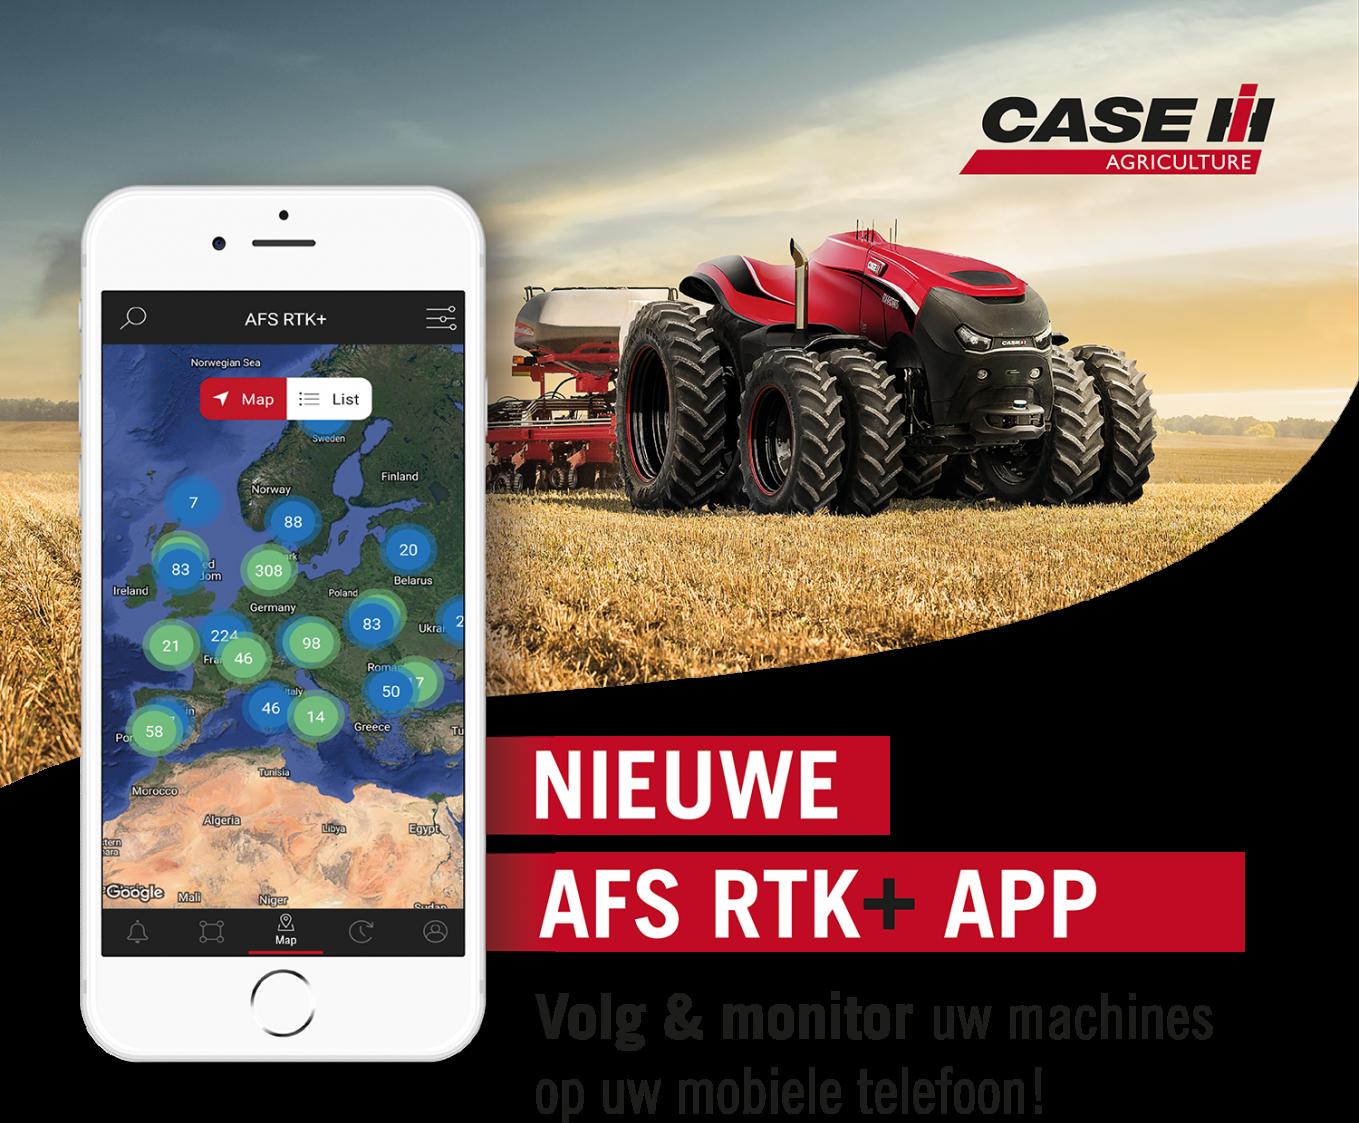 App_Flyer_CaseIH_NL.png